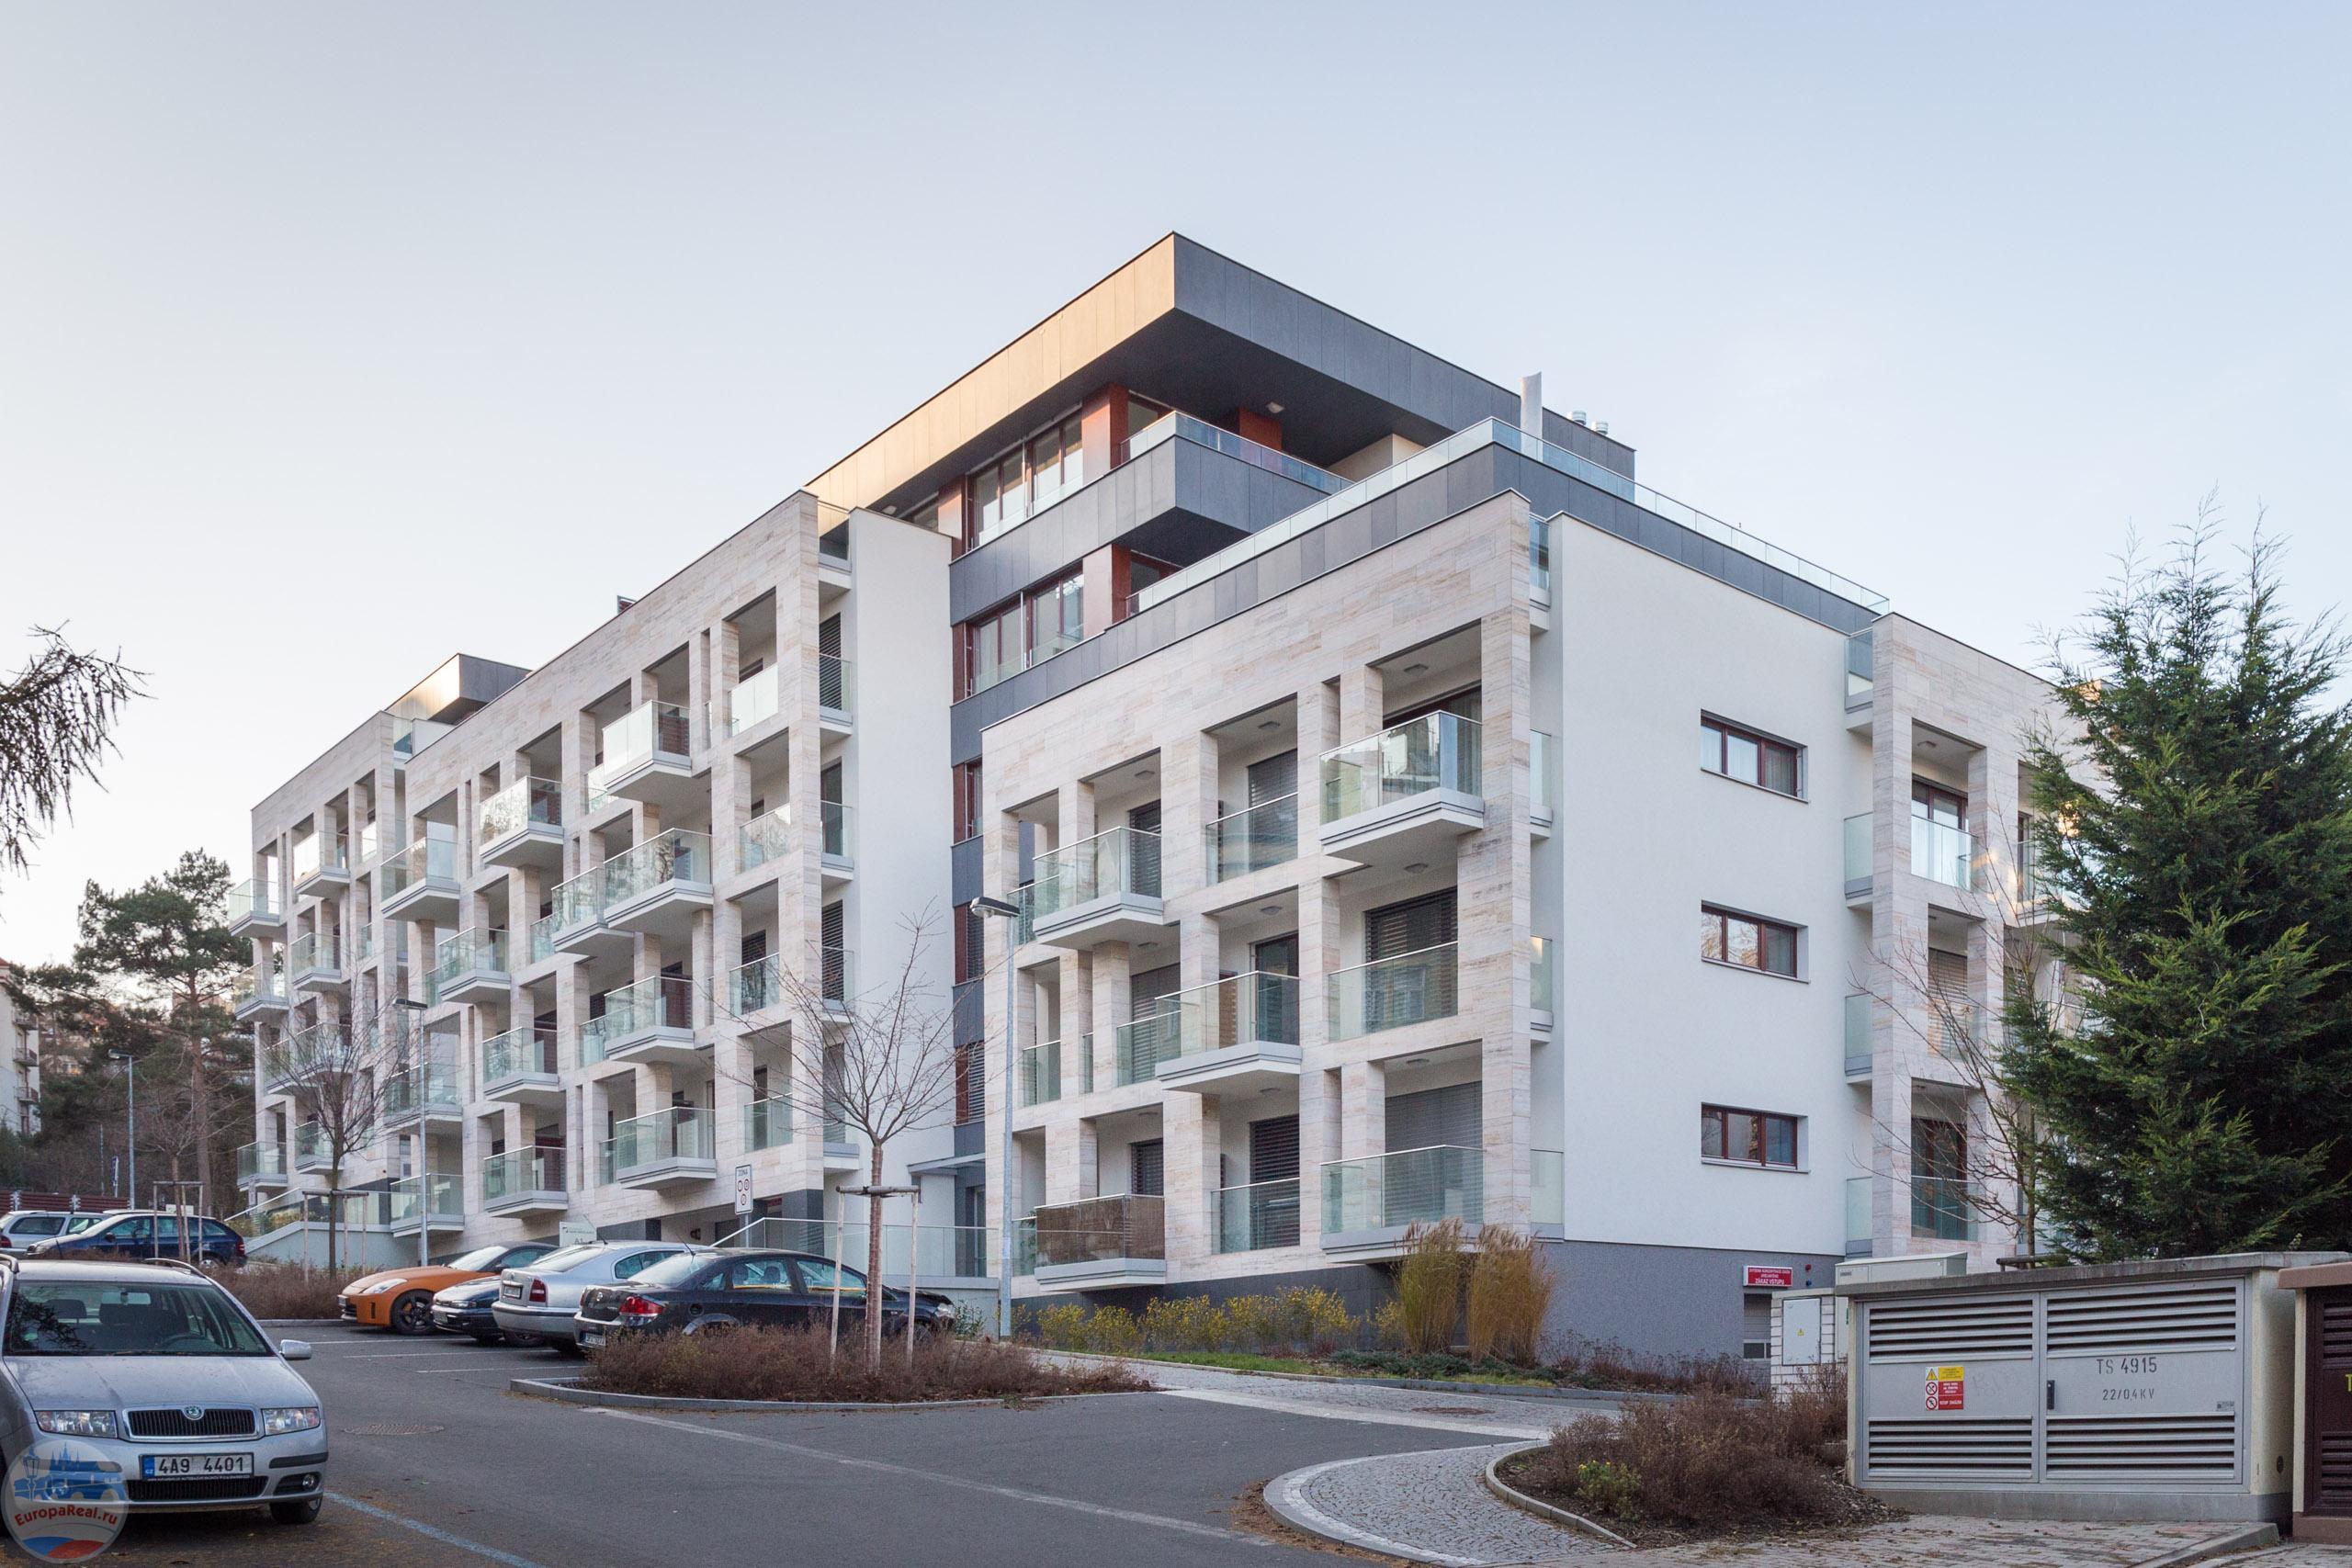 Коммерческая недвижимость в чехии 2015 год аренда коммерческой недвижимости в жк шуваловский